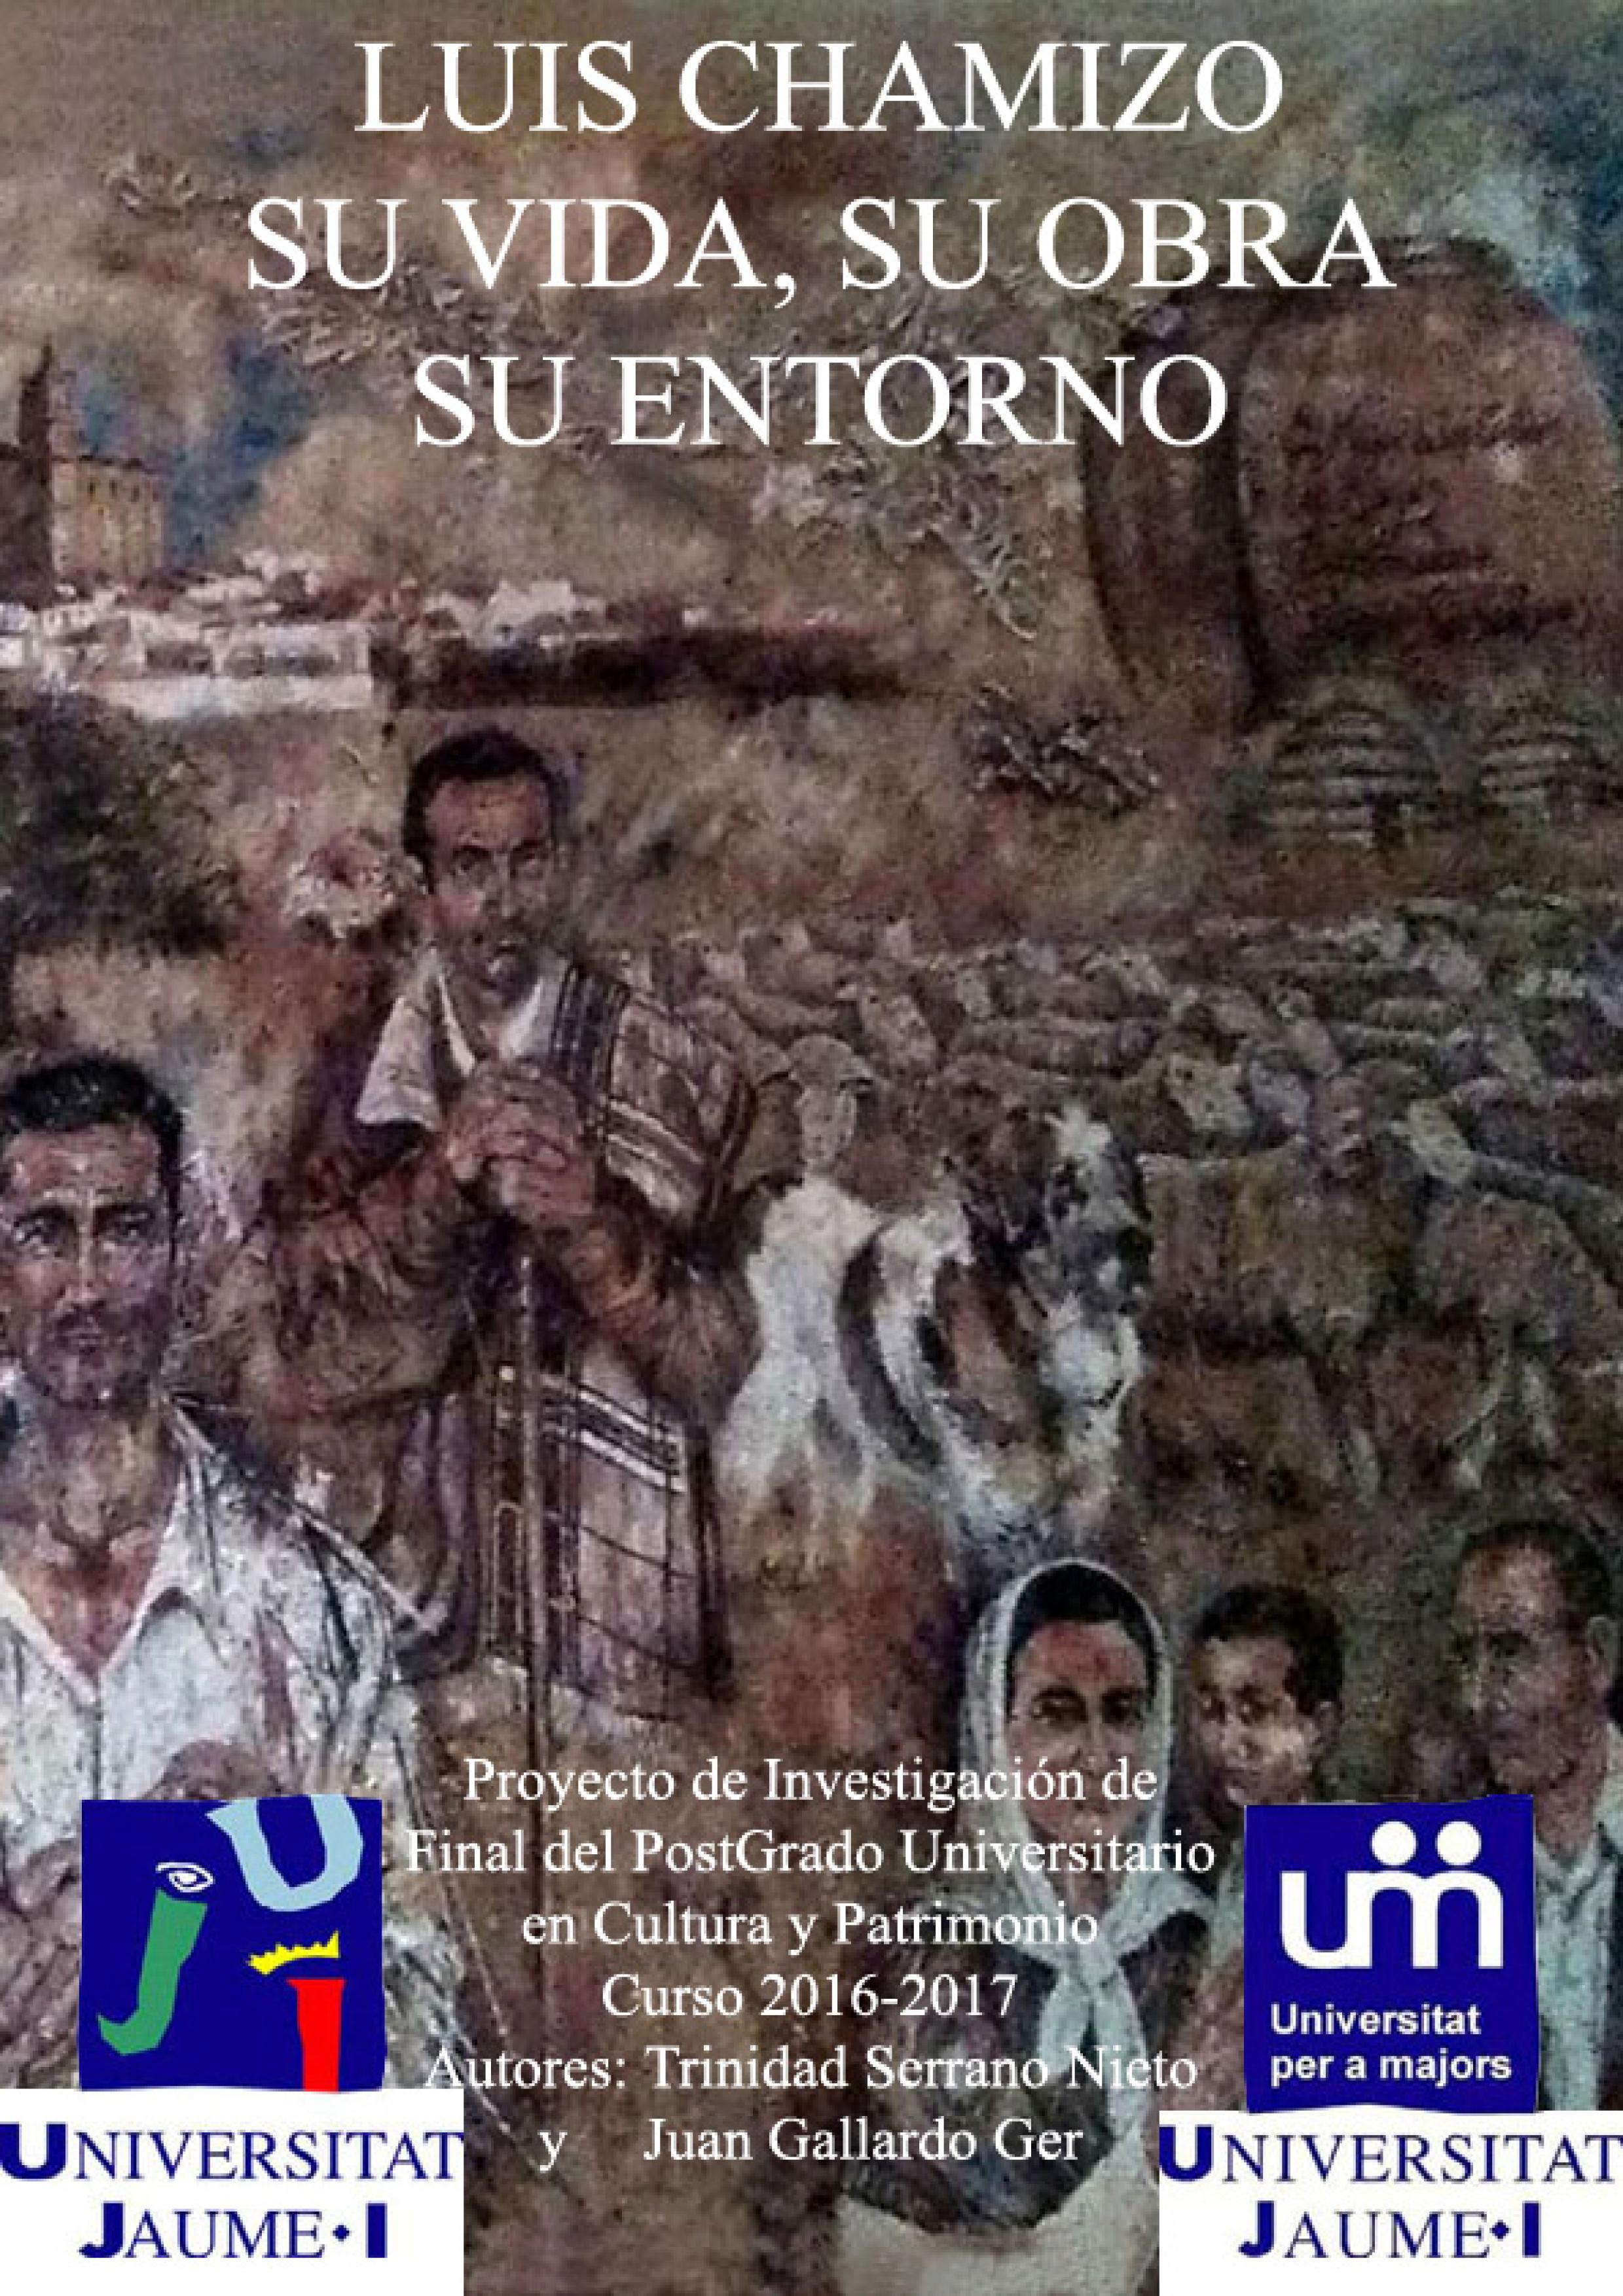 LUIS-CHAMIZO.-SU-VIDA-SU-OBRA-y-SU-ENTORNO-Trini-Serrano-y-Juan-Gallardo